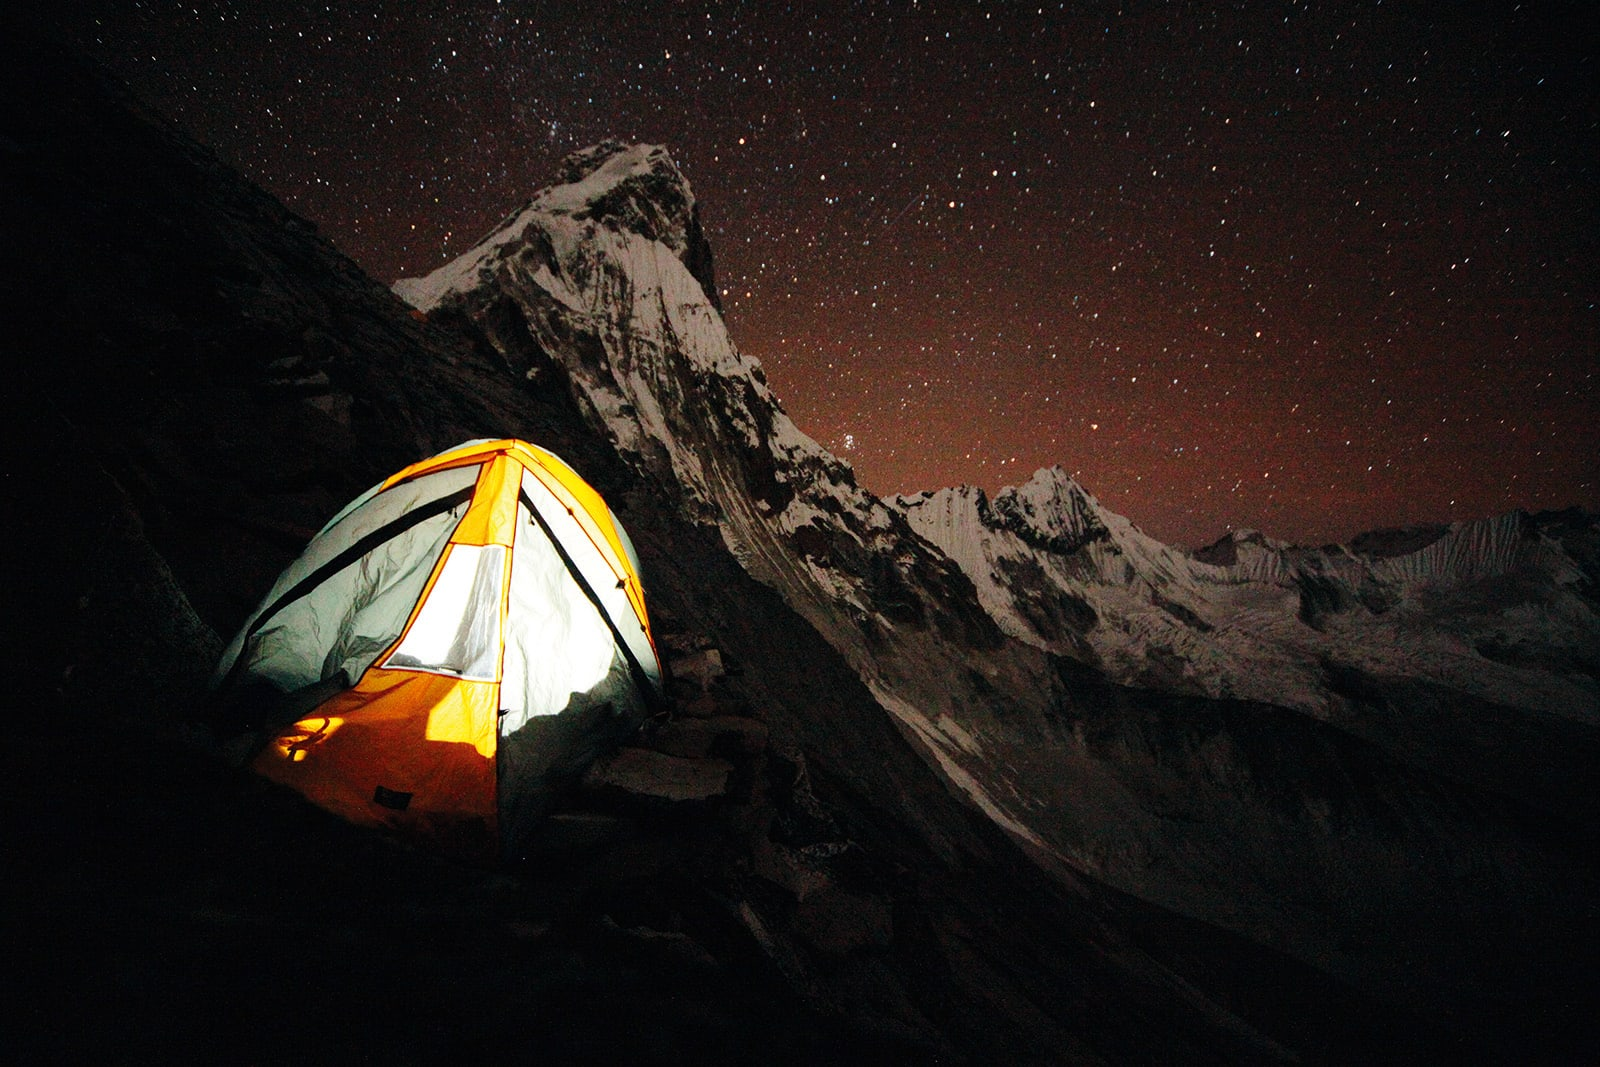 Stjernegalleri: Natt i Camp 1, med slitne klatrere og fantastisk utsikt over Himalaya. Foto: Matti Bernitz